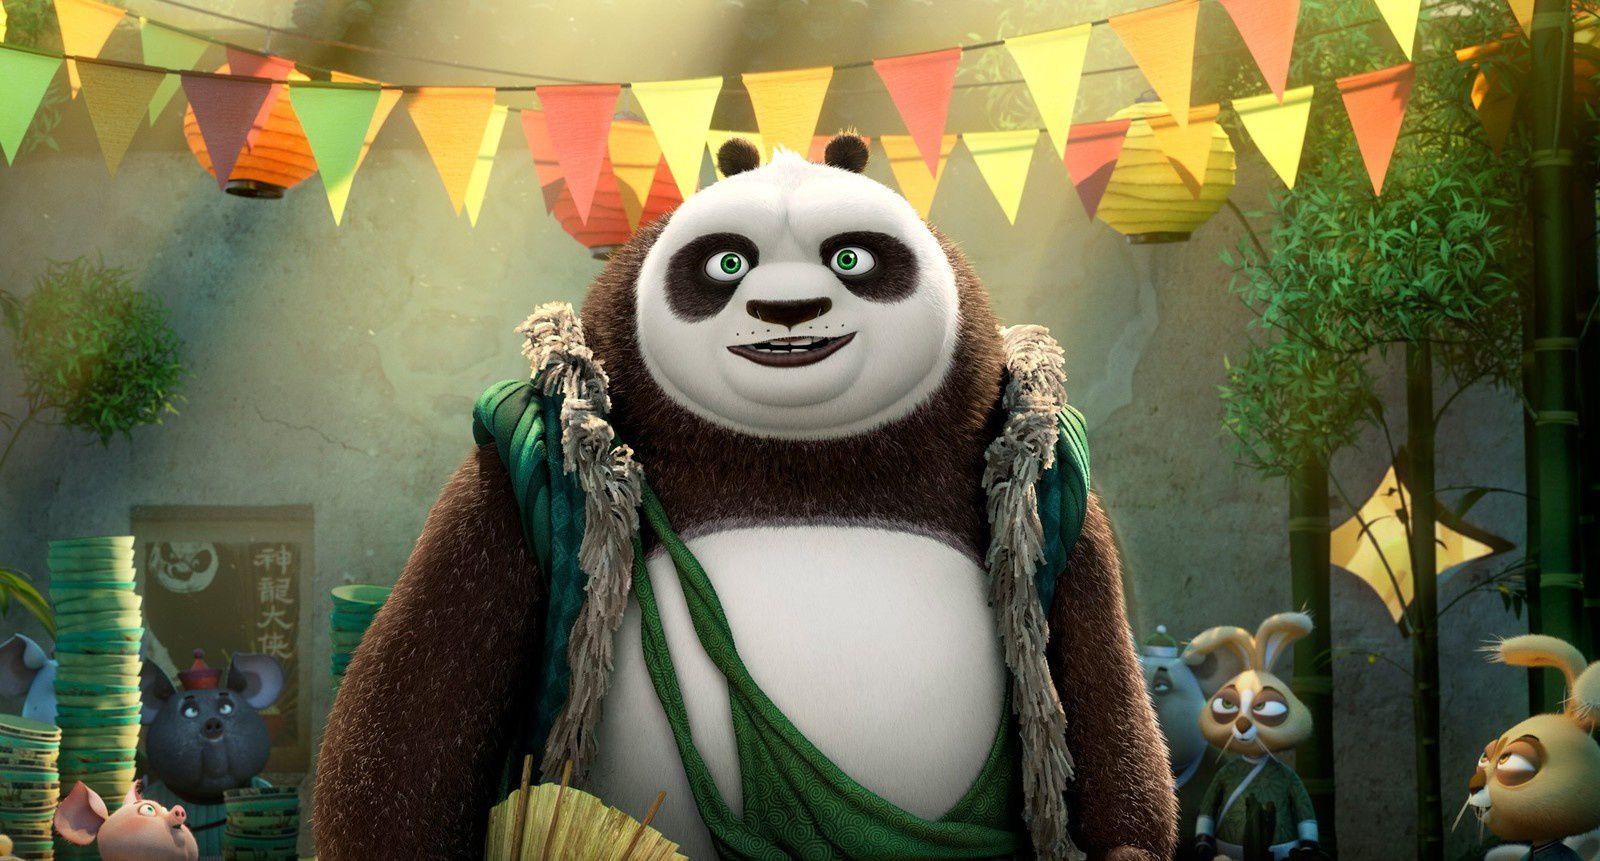 Kung Fu Panda 3 (BANDE ANNONCE VF et VOST) avec Jack Black, Angelina Jolie, Seth Rogen - 30 03 2016